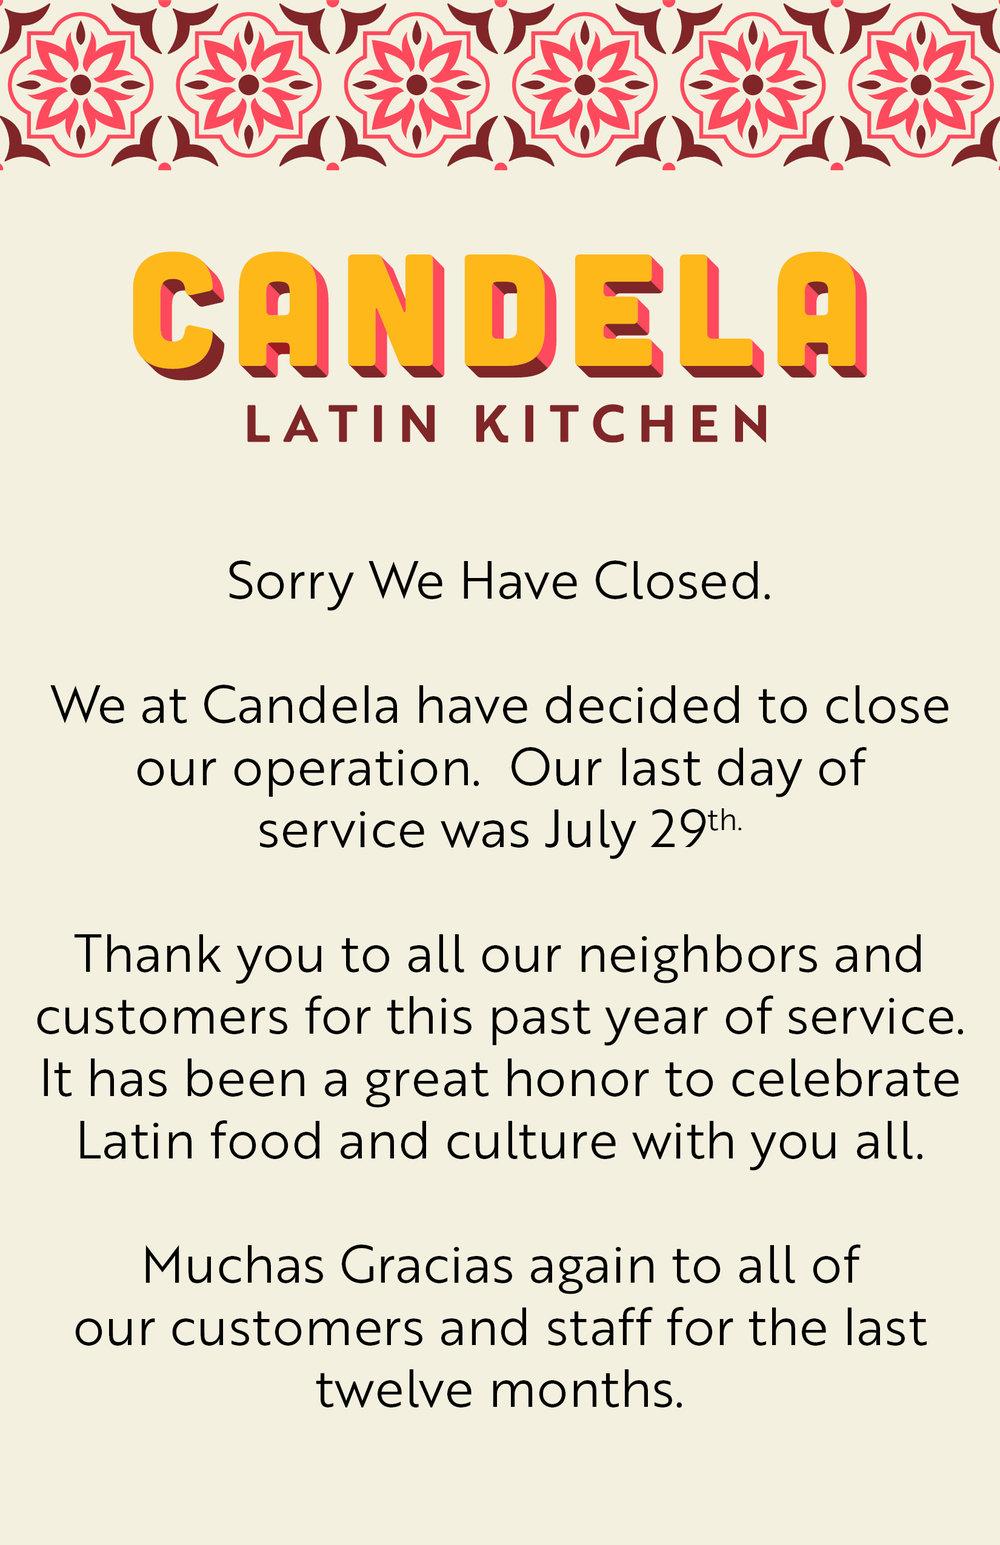 candela latin kitchen